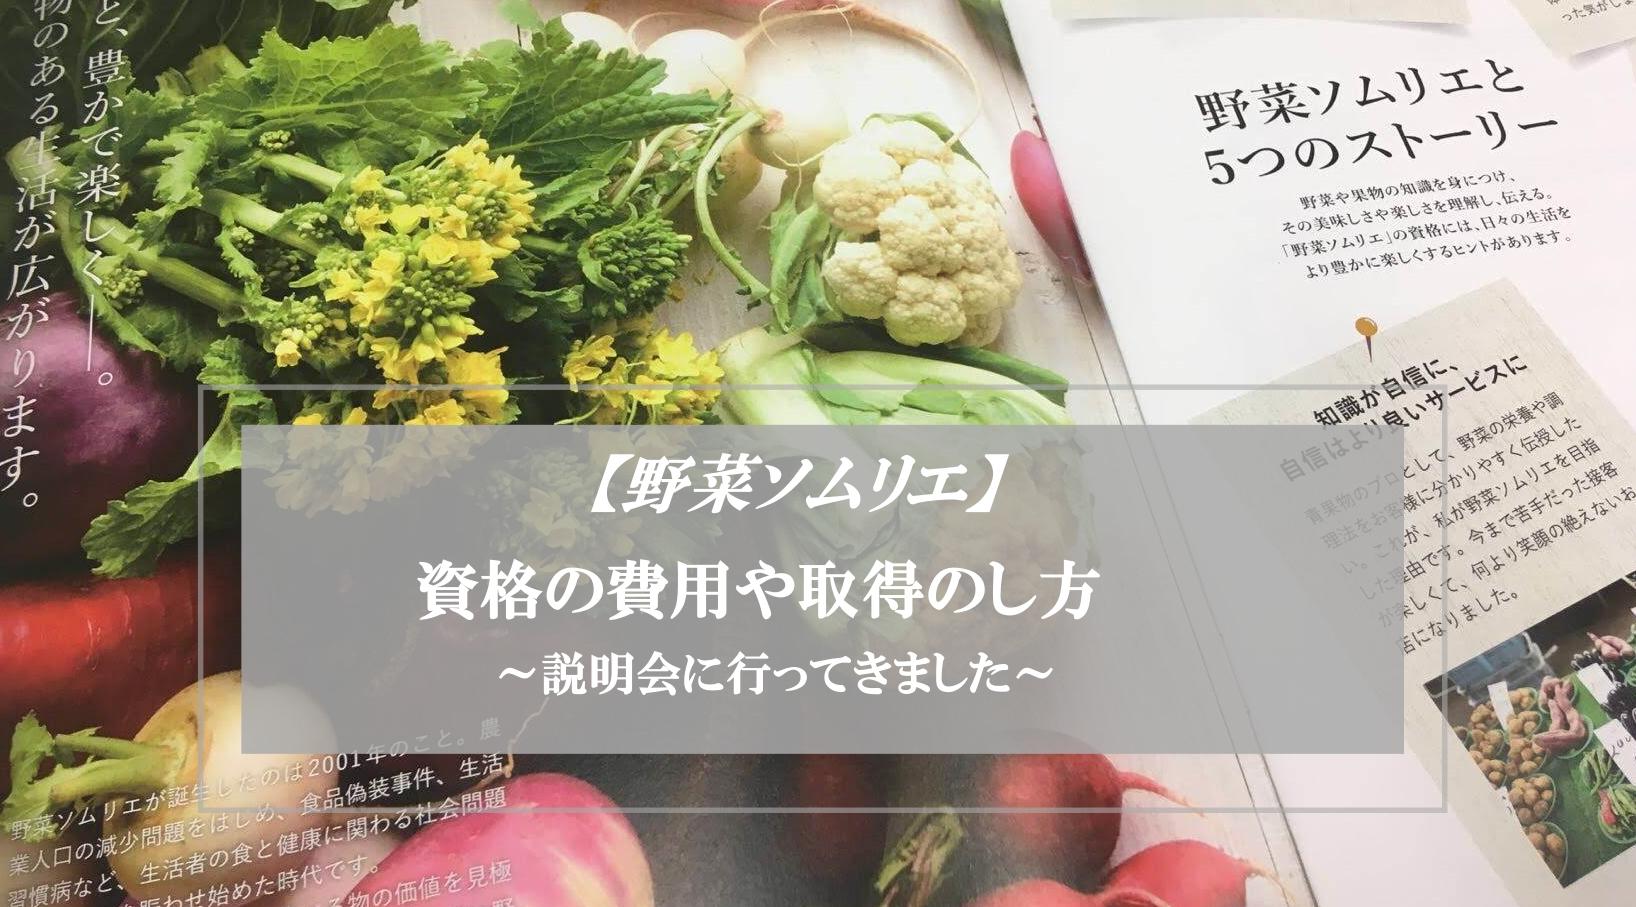 野菜ソムリエ説明会資料